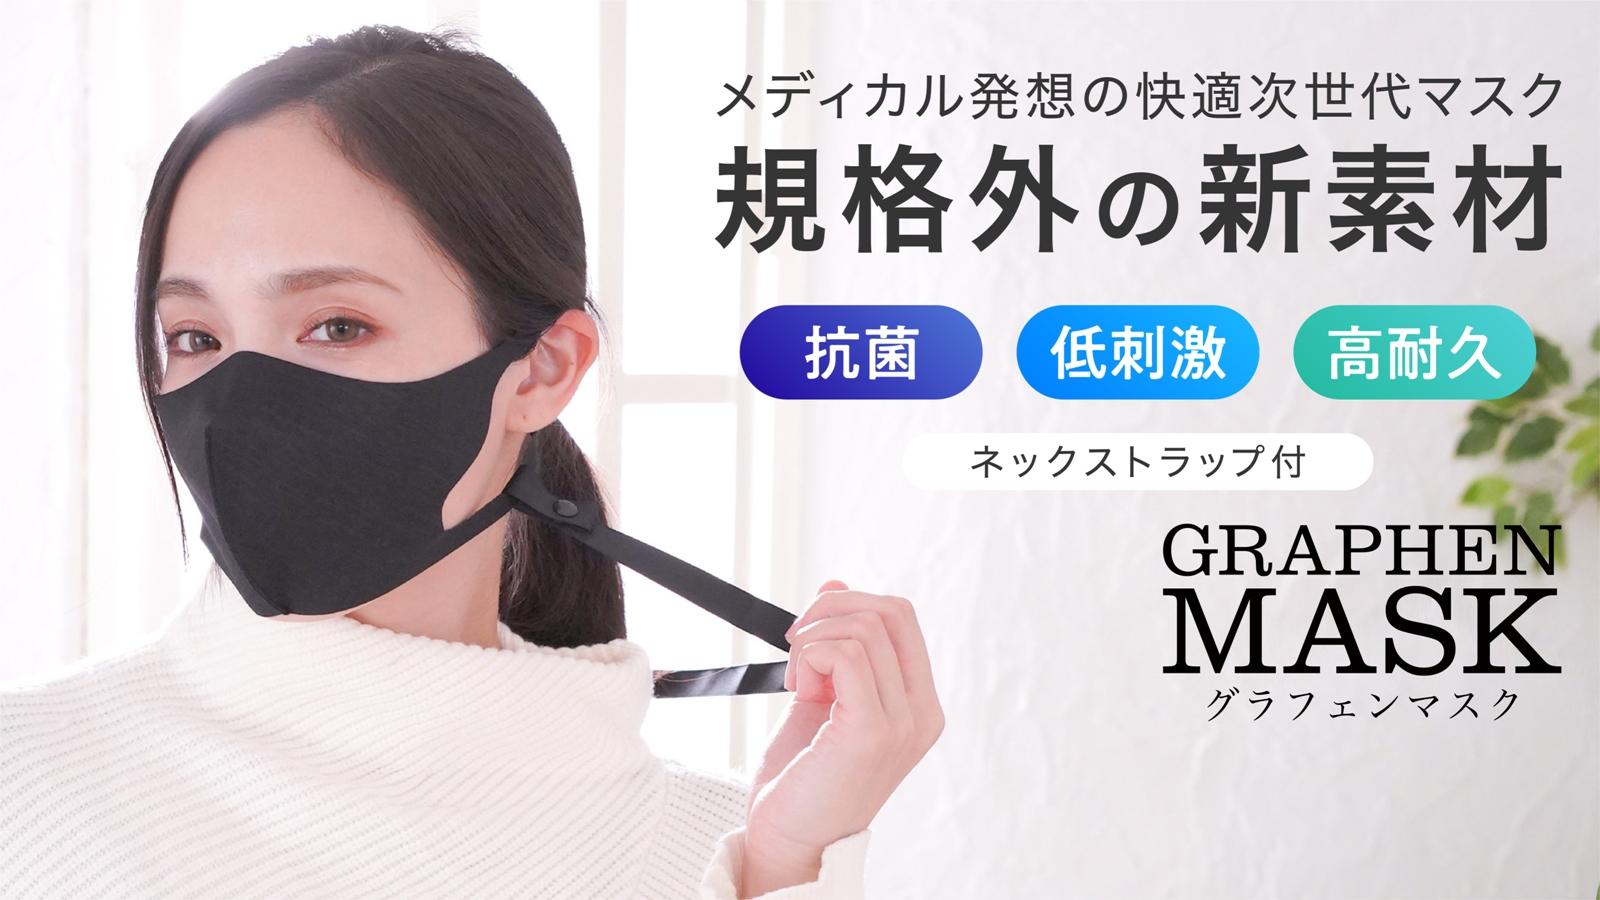 メディカル発想の快適次世代マスク!「グラフェンマスク」がMakuakeのクラウドファンディングで開始!